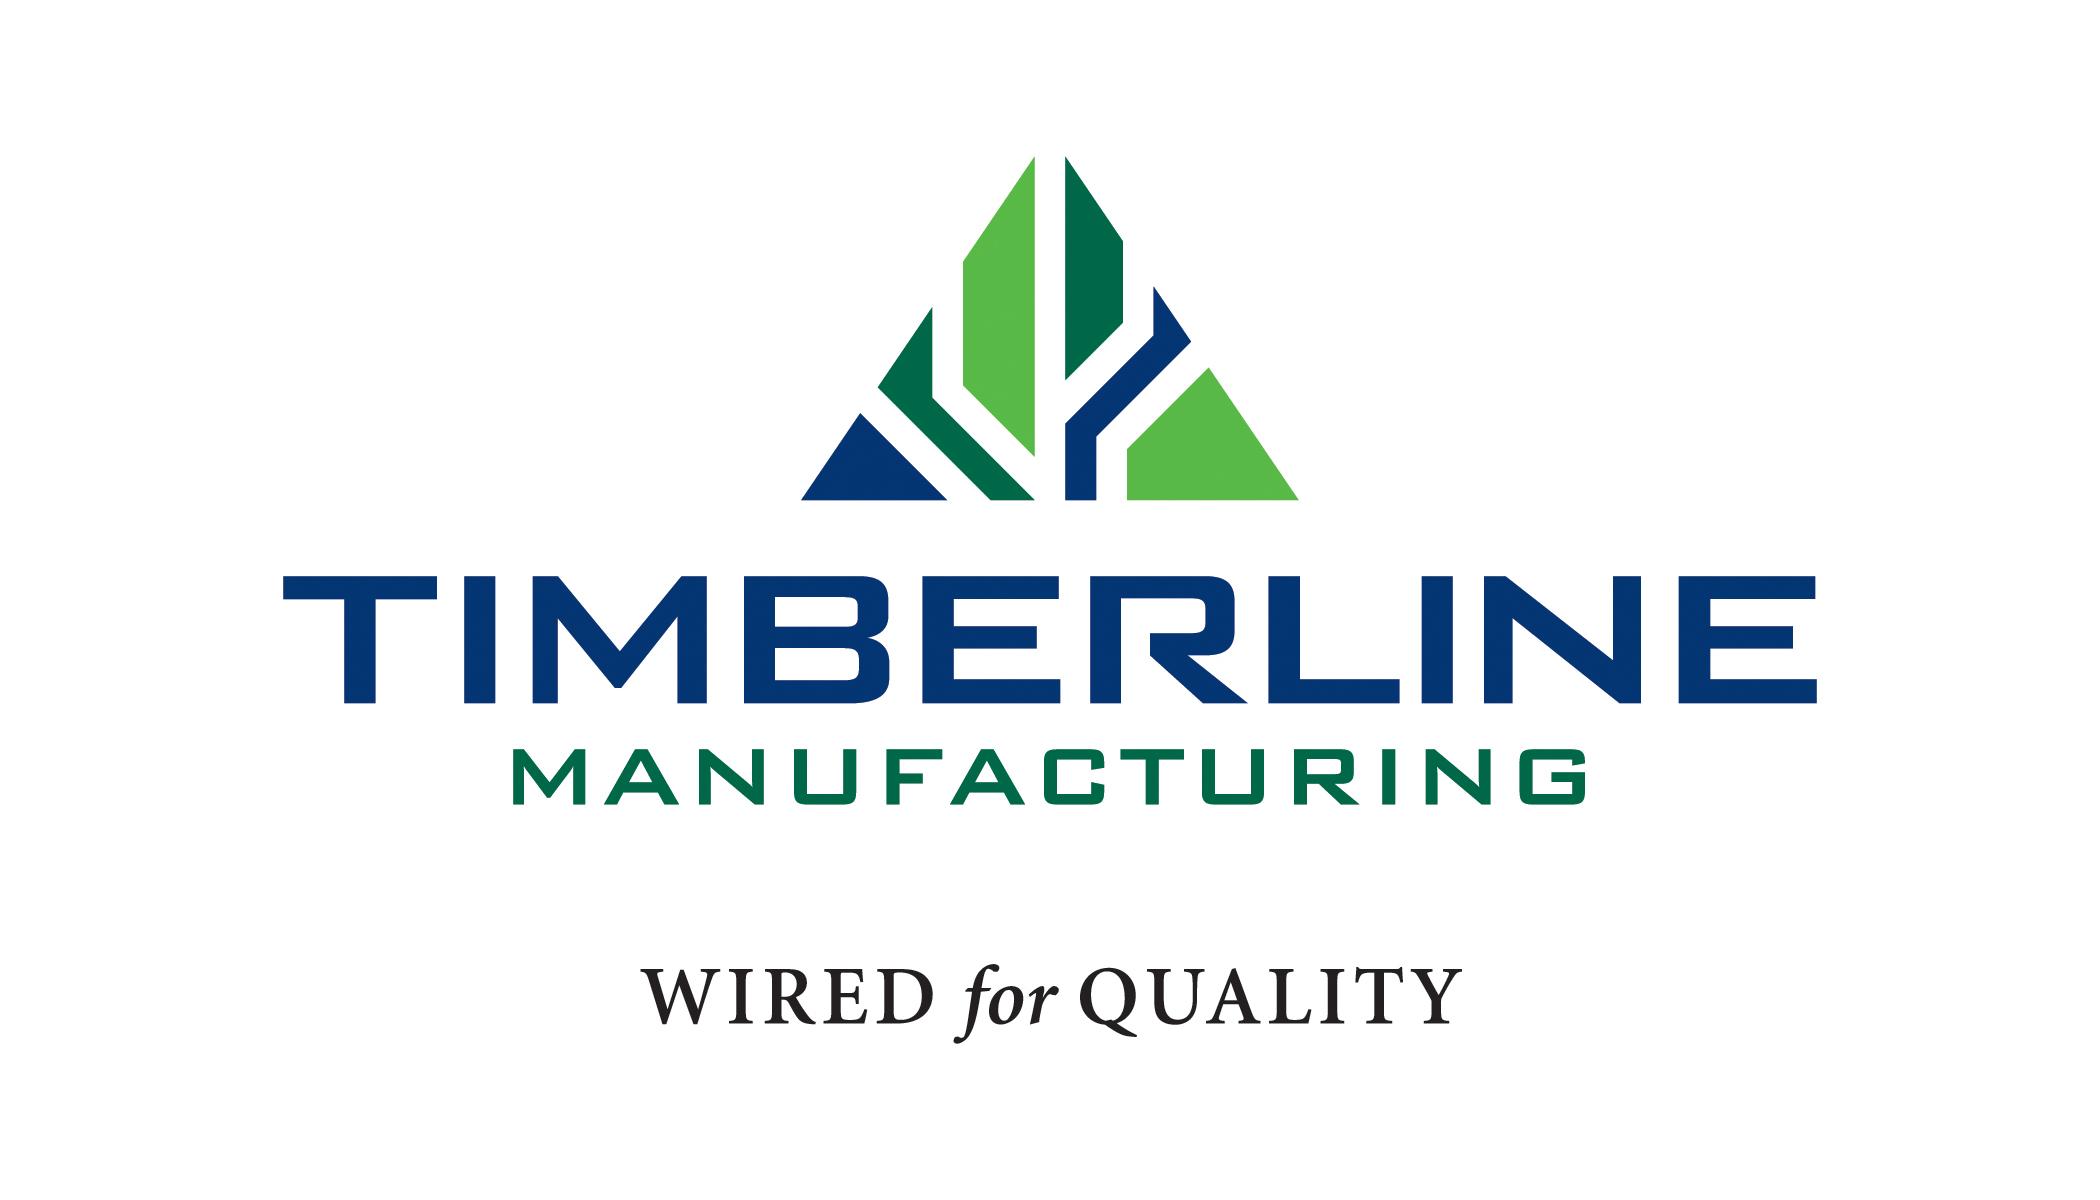 Timberline Manufacturing logo